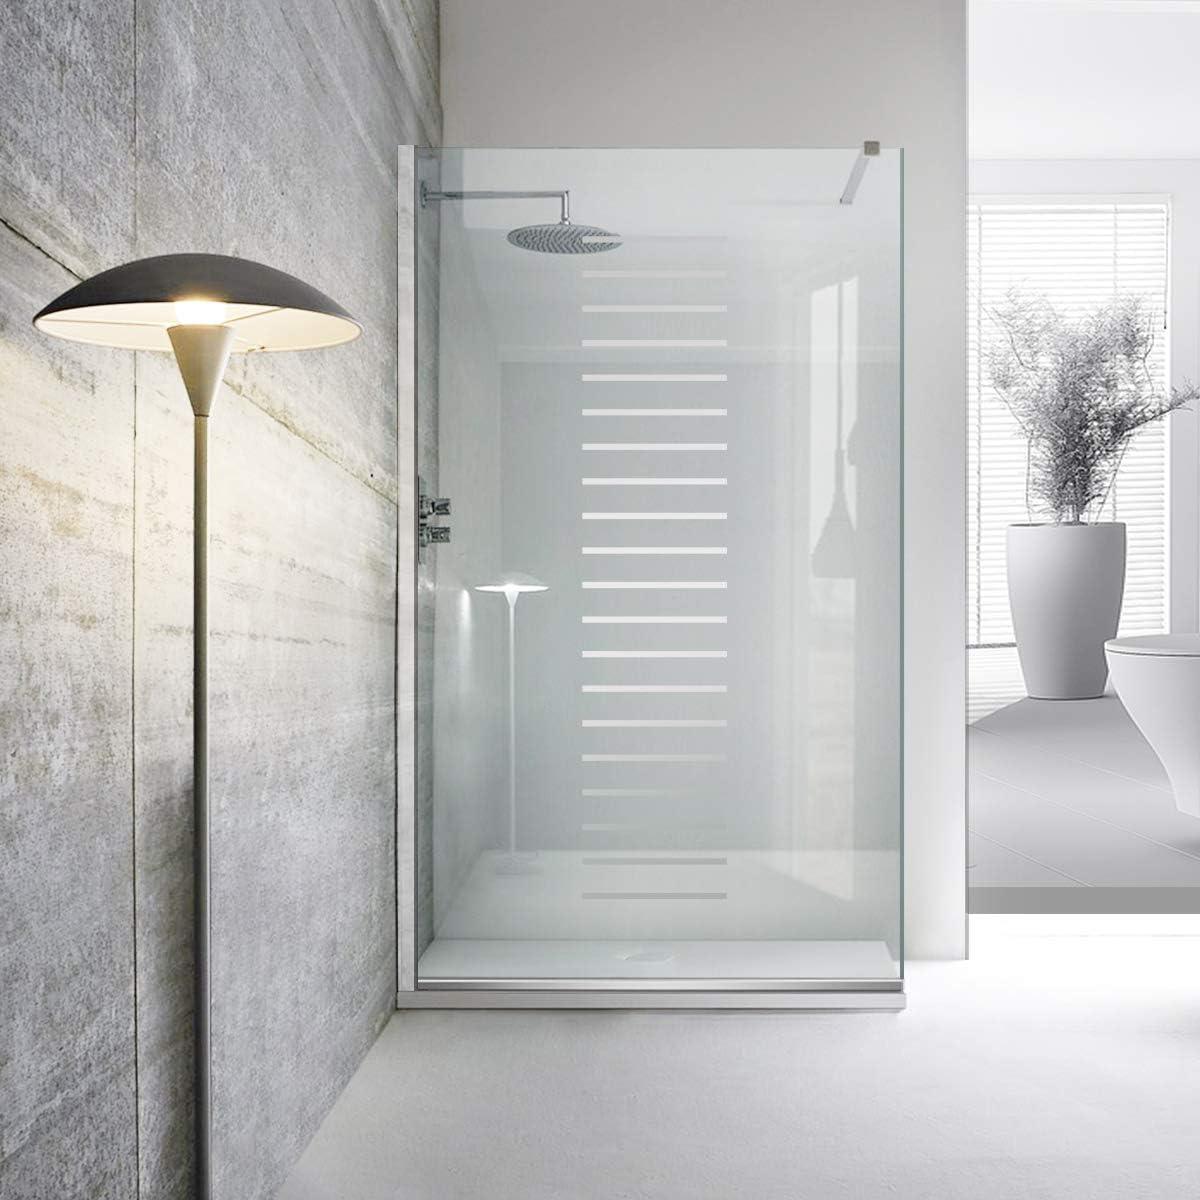 Modern Leroy Timeless Milano - Mampara de ducha (8 mm, cristal templado de seguridad transparente, nano, acero inoxidable SS304), transparente: Amazon.es: Bricolaje y herramientas